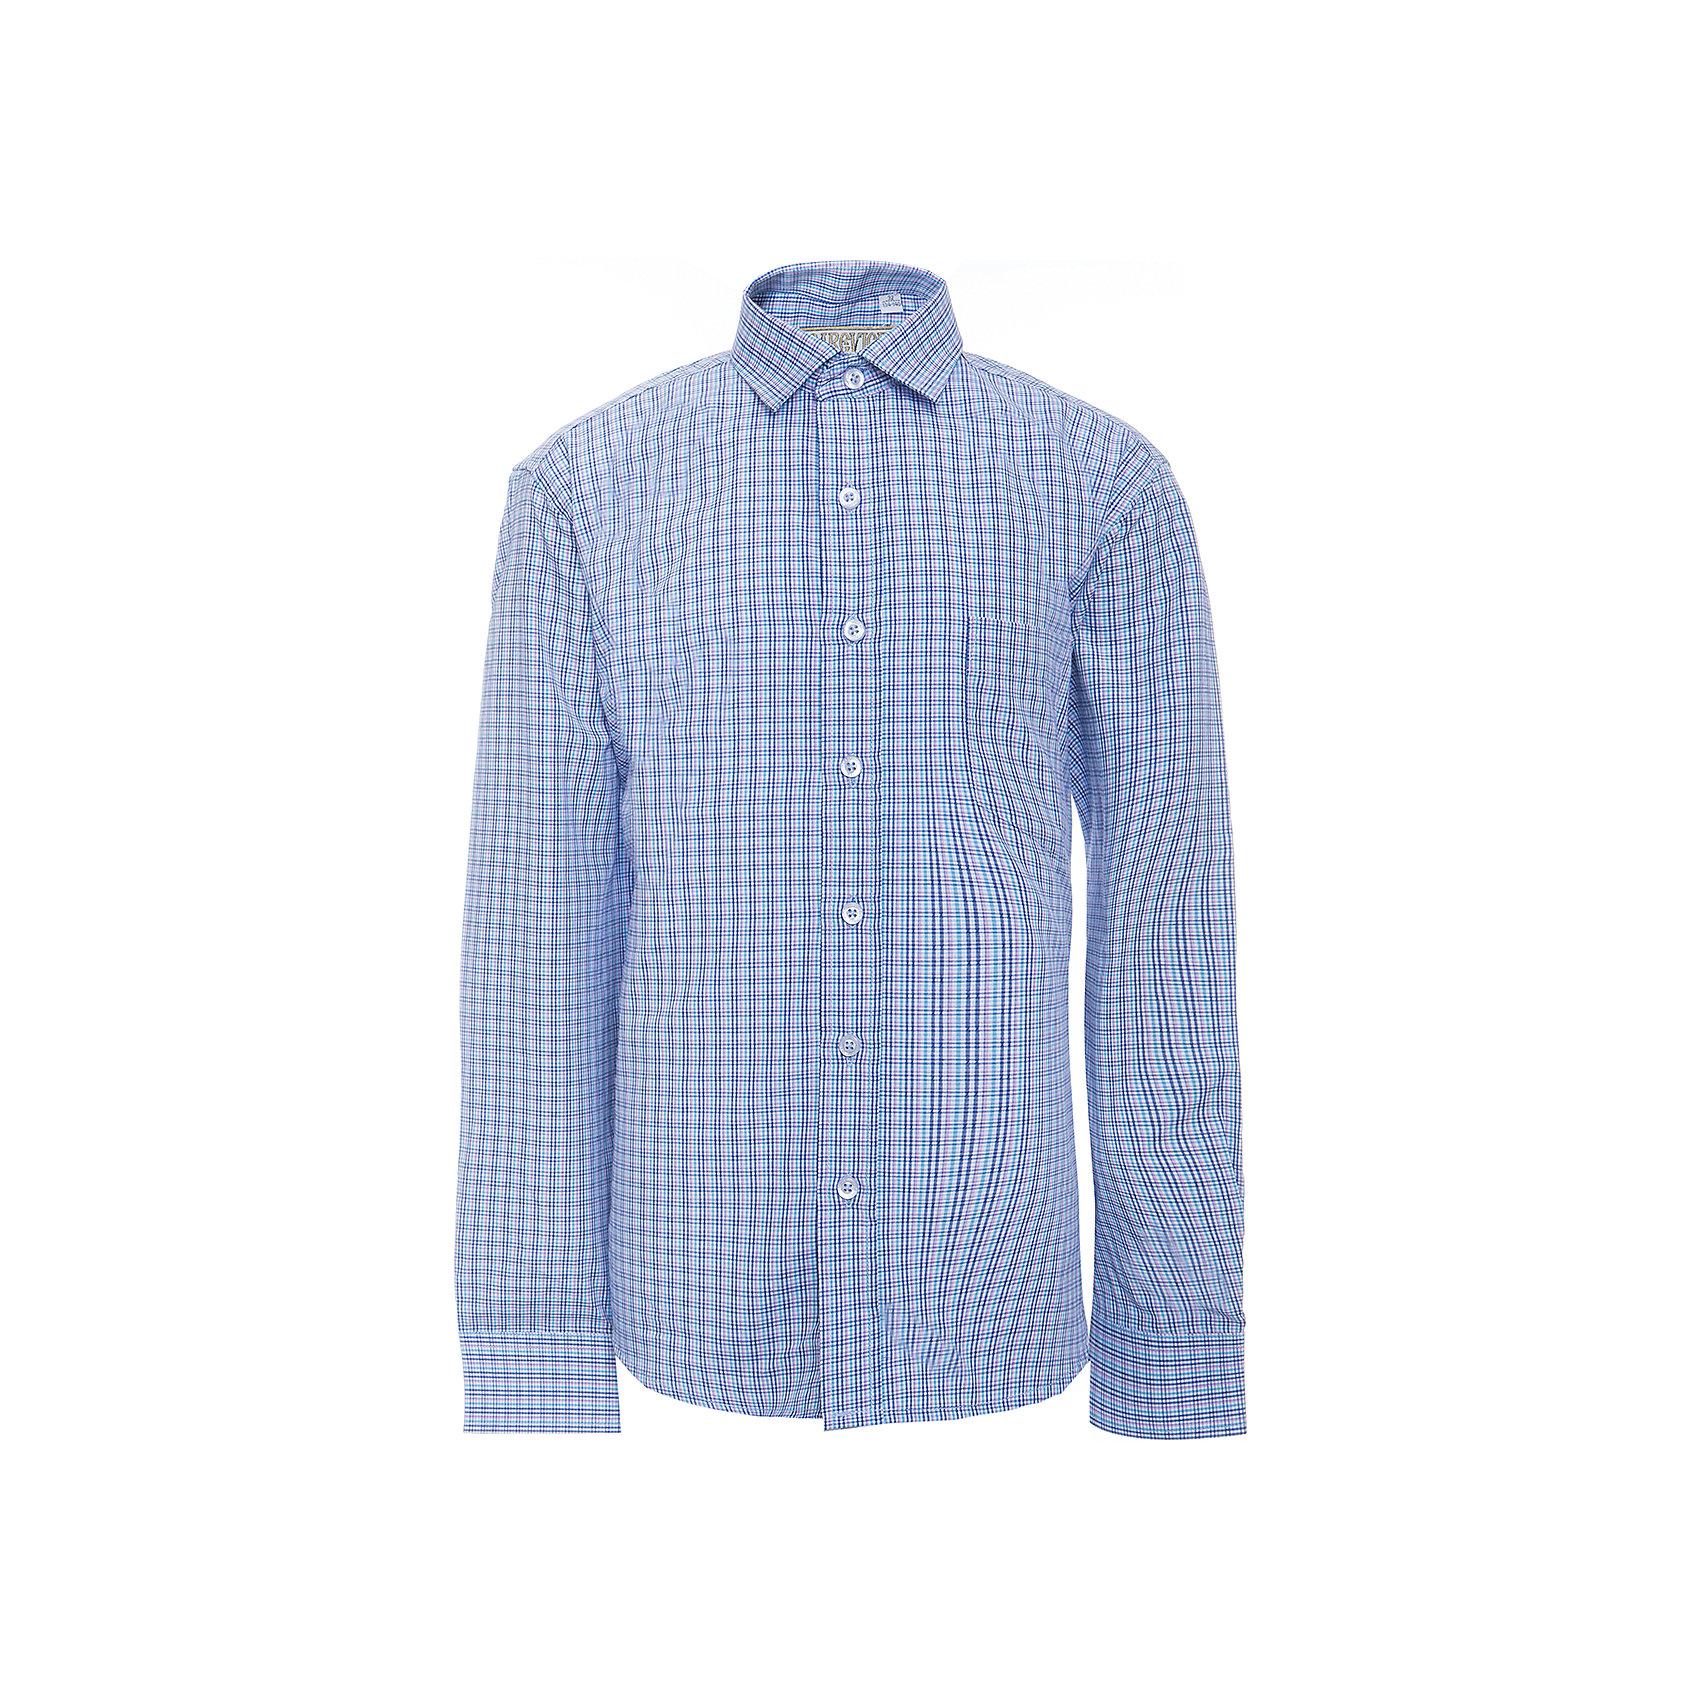 Рубашка для мальчика TsarevichБлузки и рубашки<br>Характеристики товара:<br><br>• цвет: голубой<br>• состав ткани: 65% хлопок, 35% полиэстер<br>• особенности: школьная, праздничная<br>• застежка: пуговицы<br>• рукава: длинные<br>• сезон: круглый год<br>• страна бренда: Российская Федерация<br>• страна изготовитель: Китай<br><br>Сорочка классического кроя для мальчика - отличный вариант практичной и стильной школьной одежды.<br><br>Классическая форма, накладной карман, воротник с отсрочкой, свободный крой, дышащая ткань с преобладанием хлопка - красиво и удобно.<br><br>Рубашку для мальчика Tsarevich (Царевич) можно купить в нашем интернет-магазине.<br><br>Ширина мм: 174<br>Глубина мм: 10<br>Высота мм: 169<br>Вес г: 157<br>Цвет: голубой<br>Возраст от месяцев: 156<br>Возраст до месяцев: 168<br>Пол: Мужской<br>Возраст: Детский<br>Размер: 164/170,122/128,128/134,134/140,140/146,146/152,146/152,152/158,152/158,158/164<br>SKU: 6860644